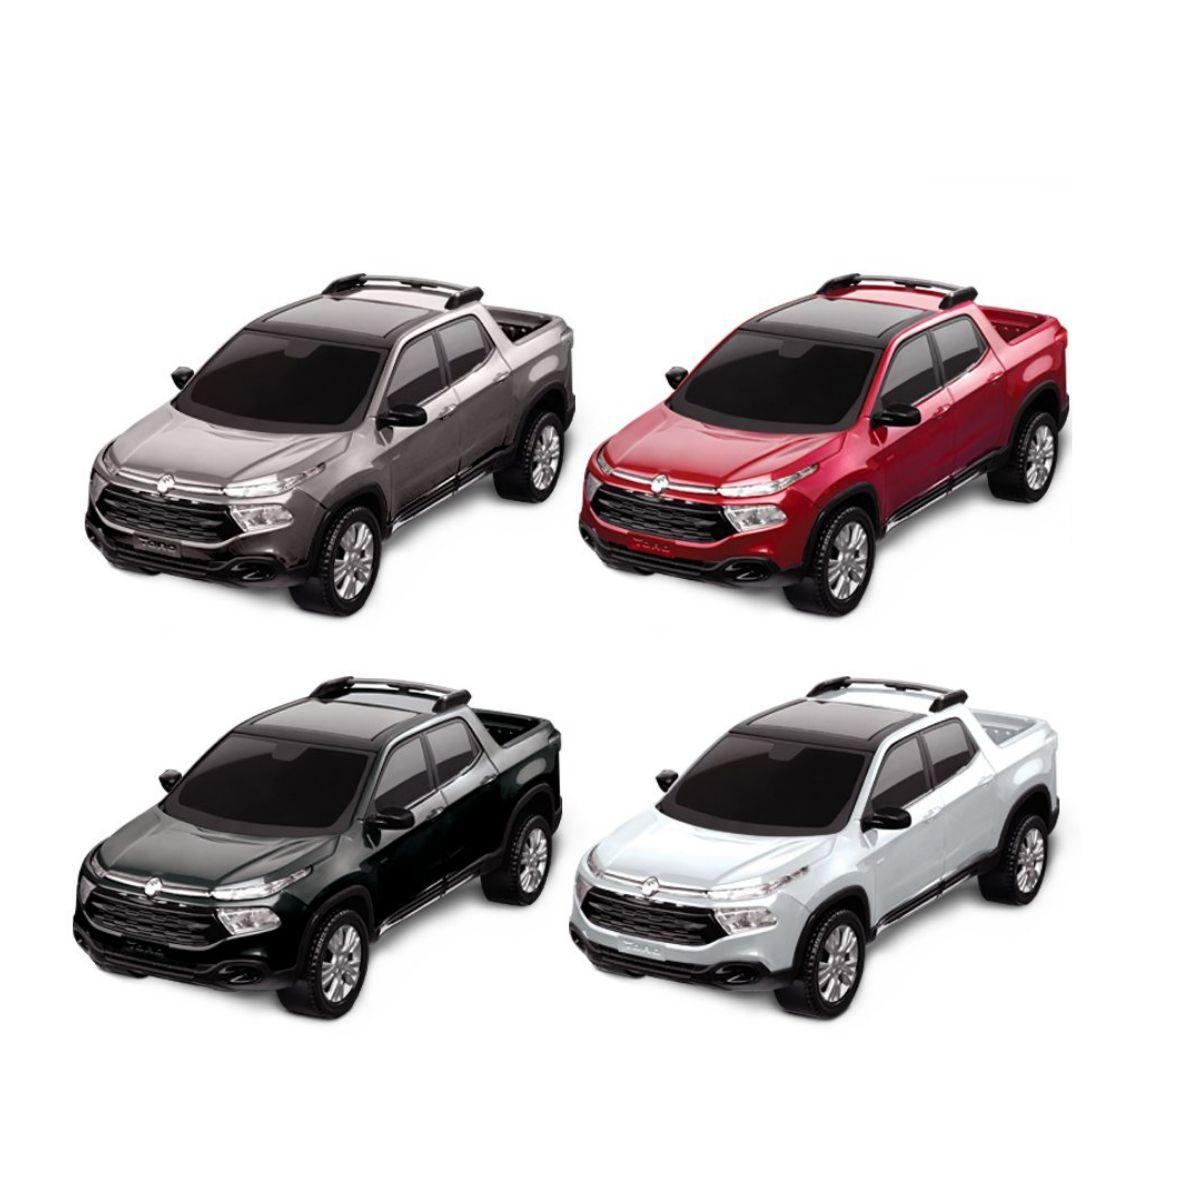 Carro de Brinquedo Fiat Toro Caminhonete de Plástico